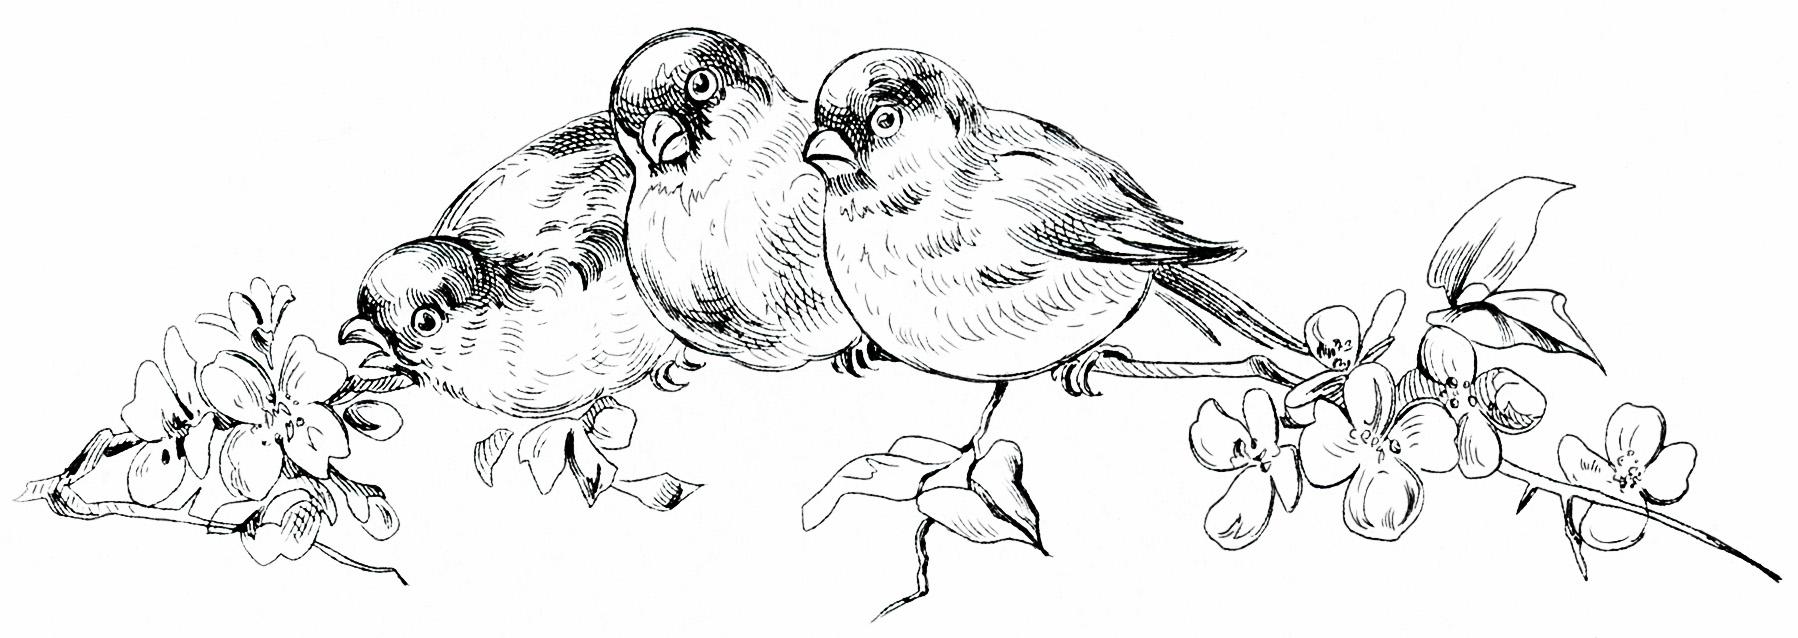 Old Design Shop ~ free digital image: birds perched on flowering.